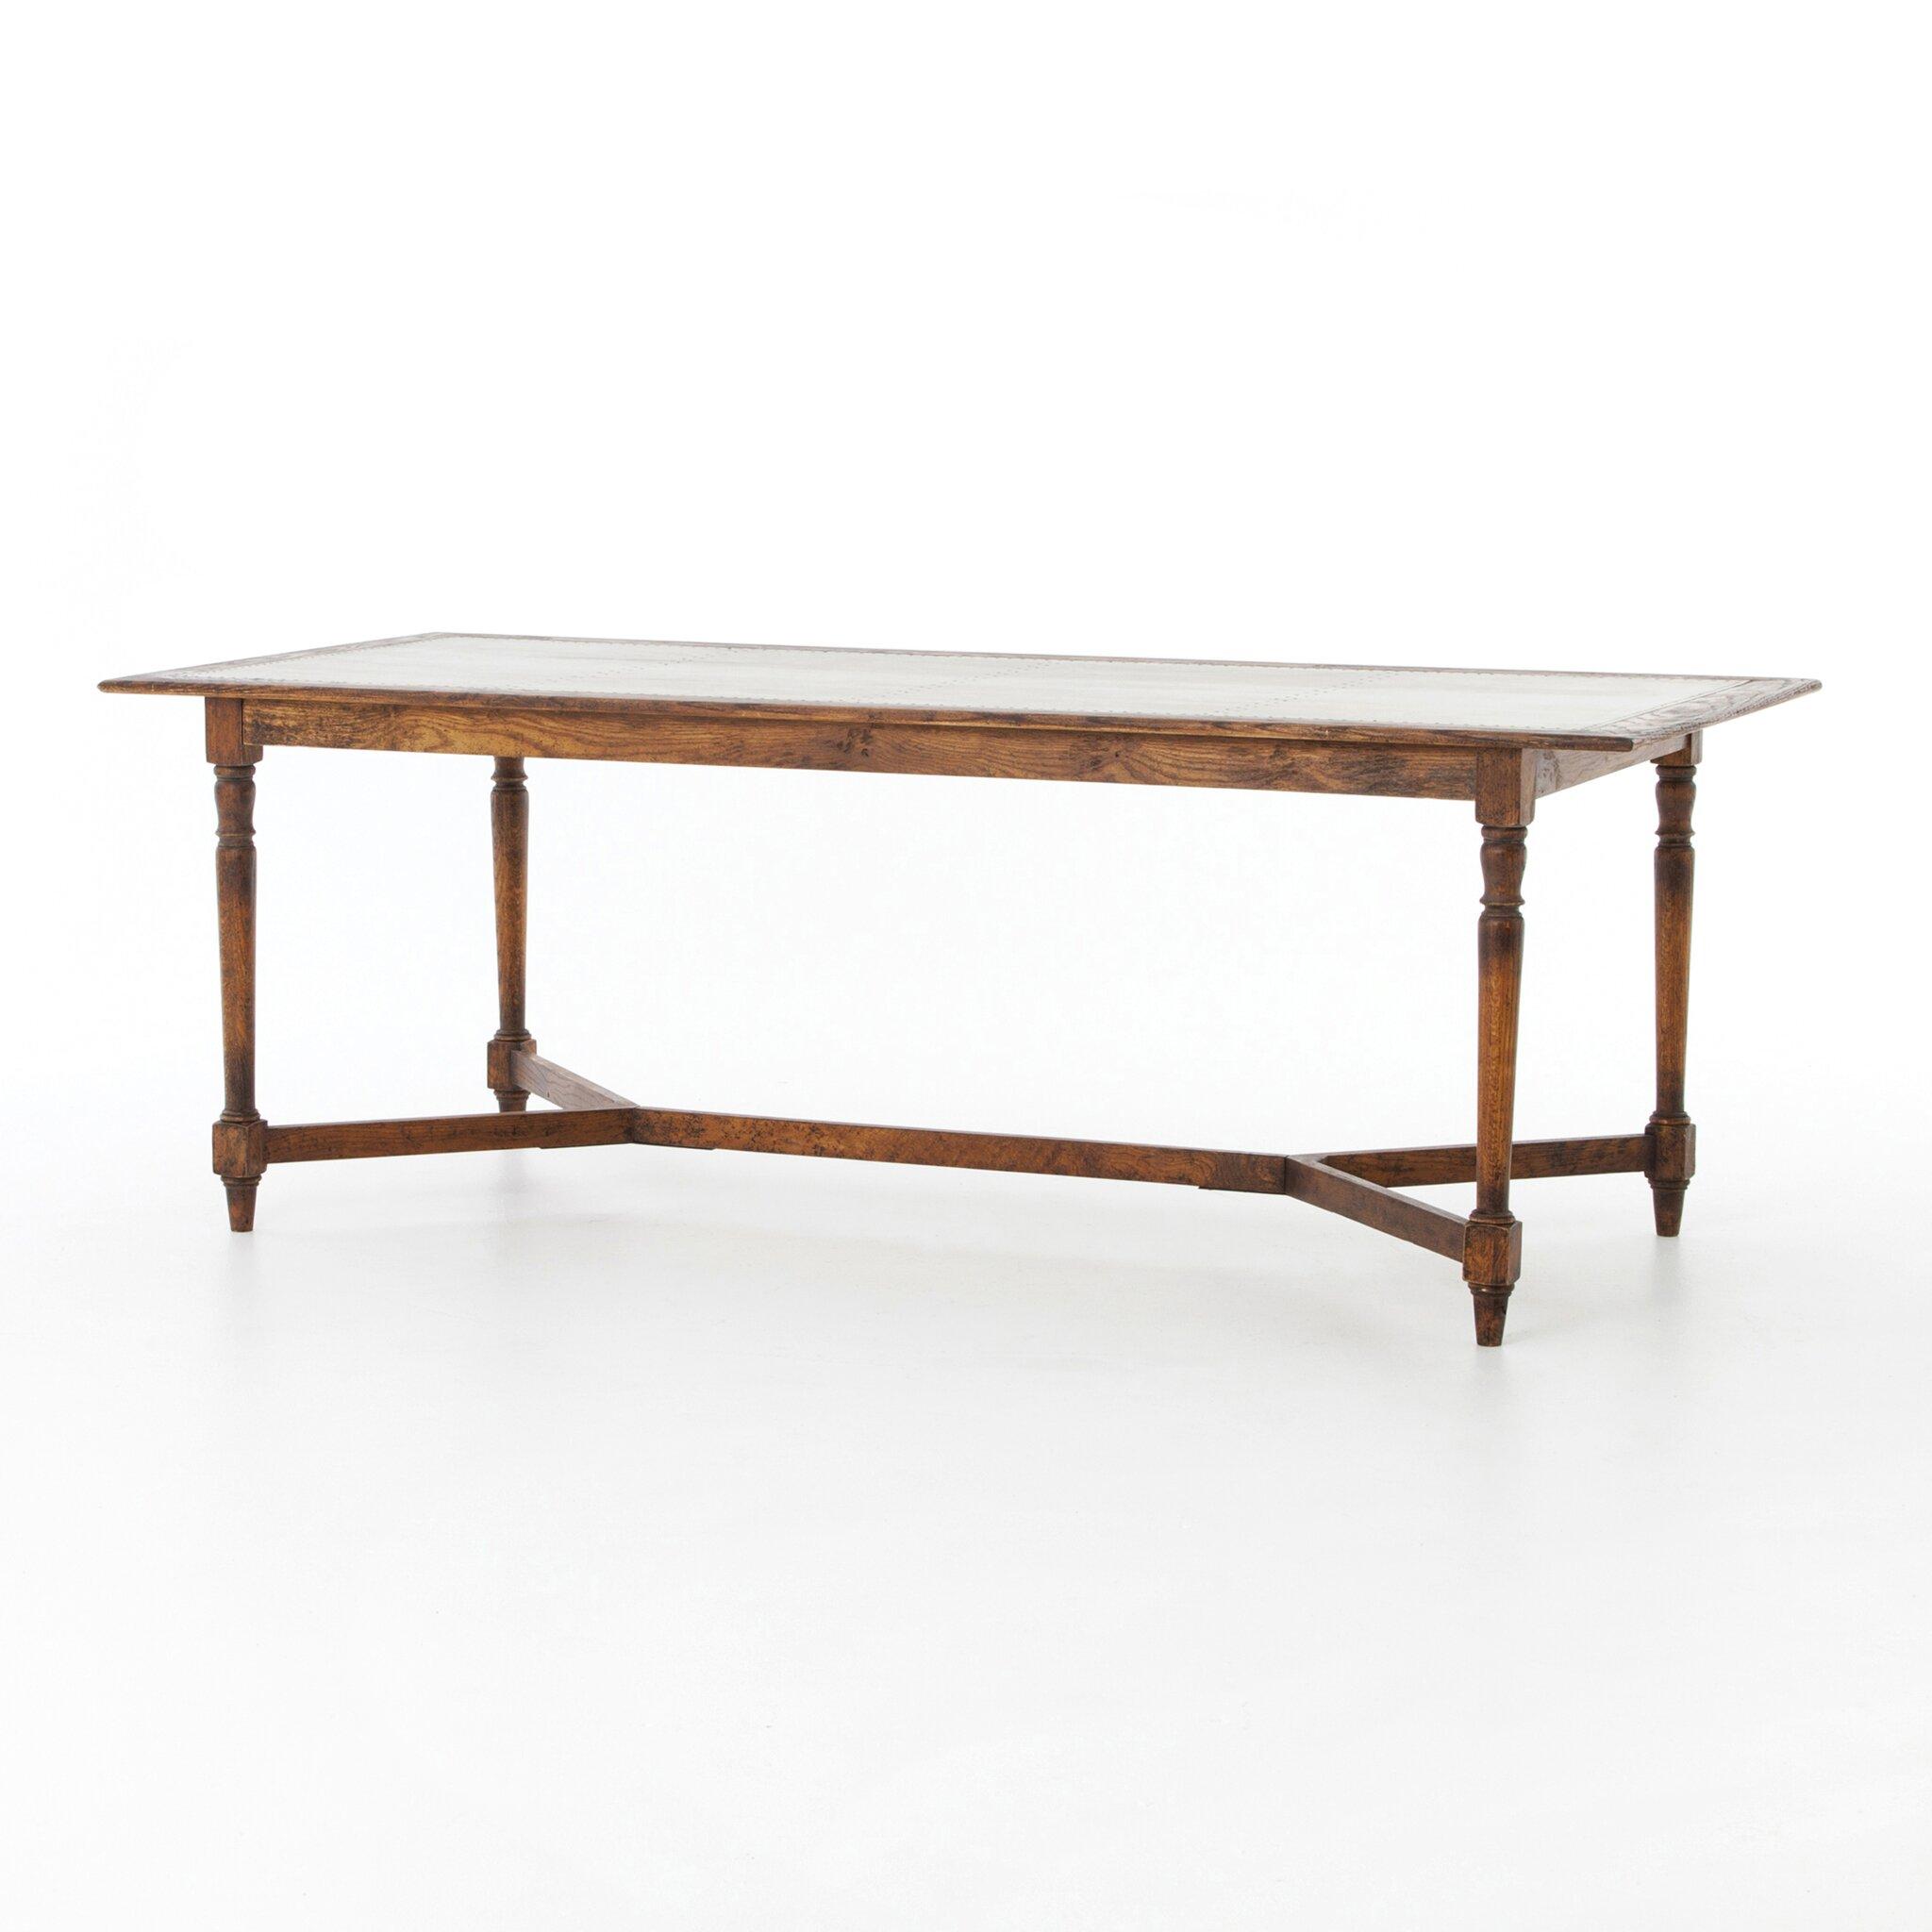 Design Tree Home Sylvan Dining Table Wayfairca : Sylvan Dining Table CIMP 8T from www.wayfair.ca size 2048 x 2048 jpeg 151kB